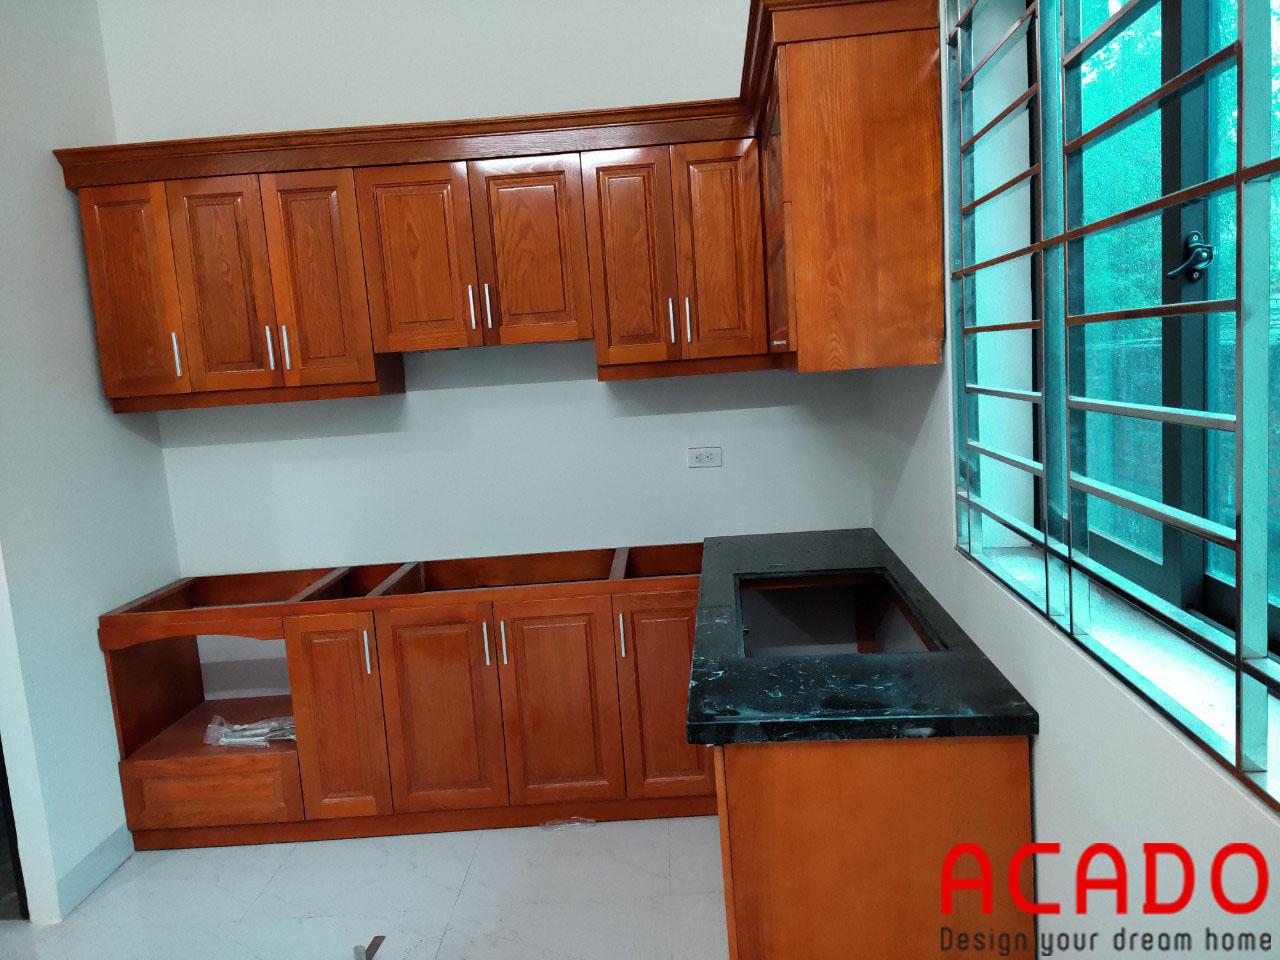 Thợ thi công ACADO thực hiện quá trình lắp đặt tủ bếp tại gia đình chị Nhung